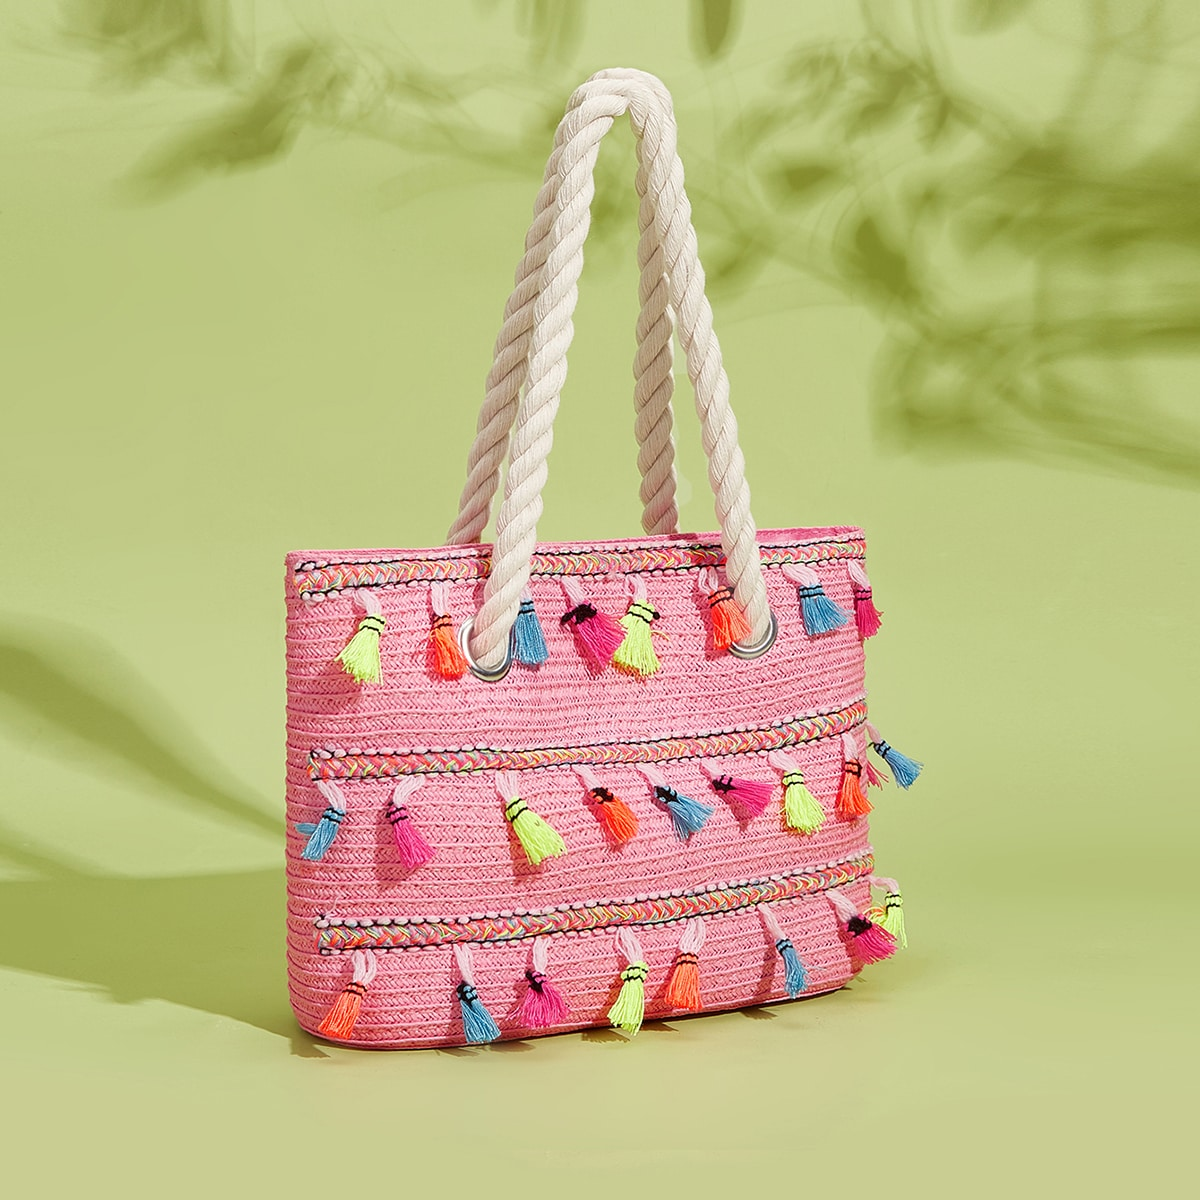 Соломенная сумка для девочек с бахромой